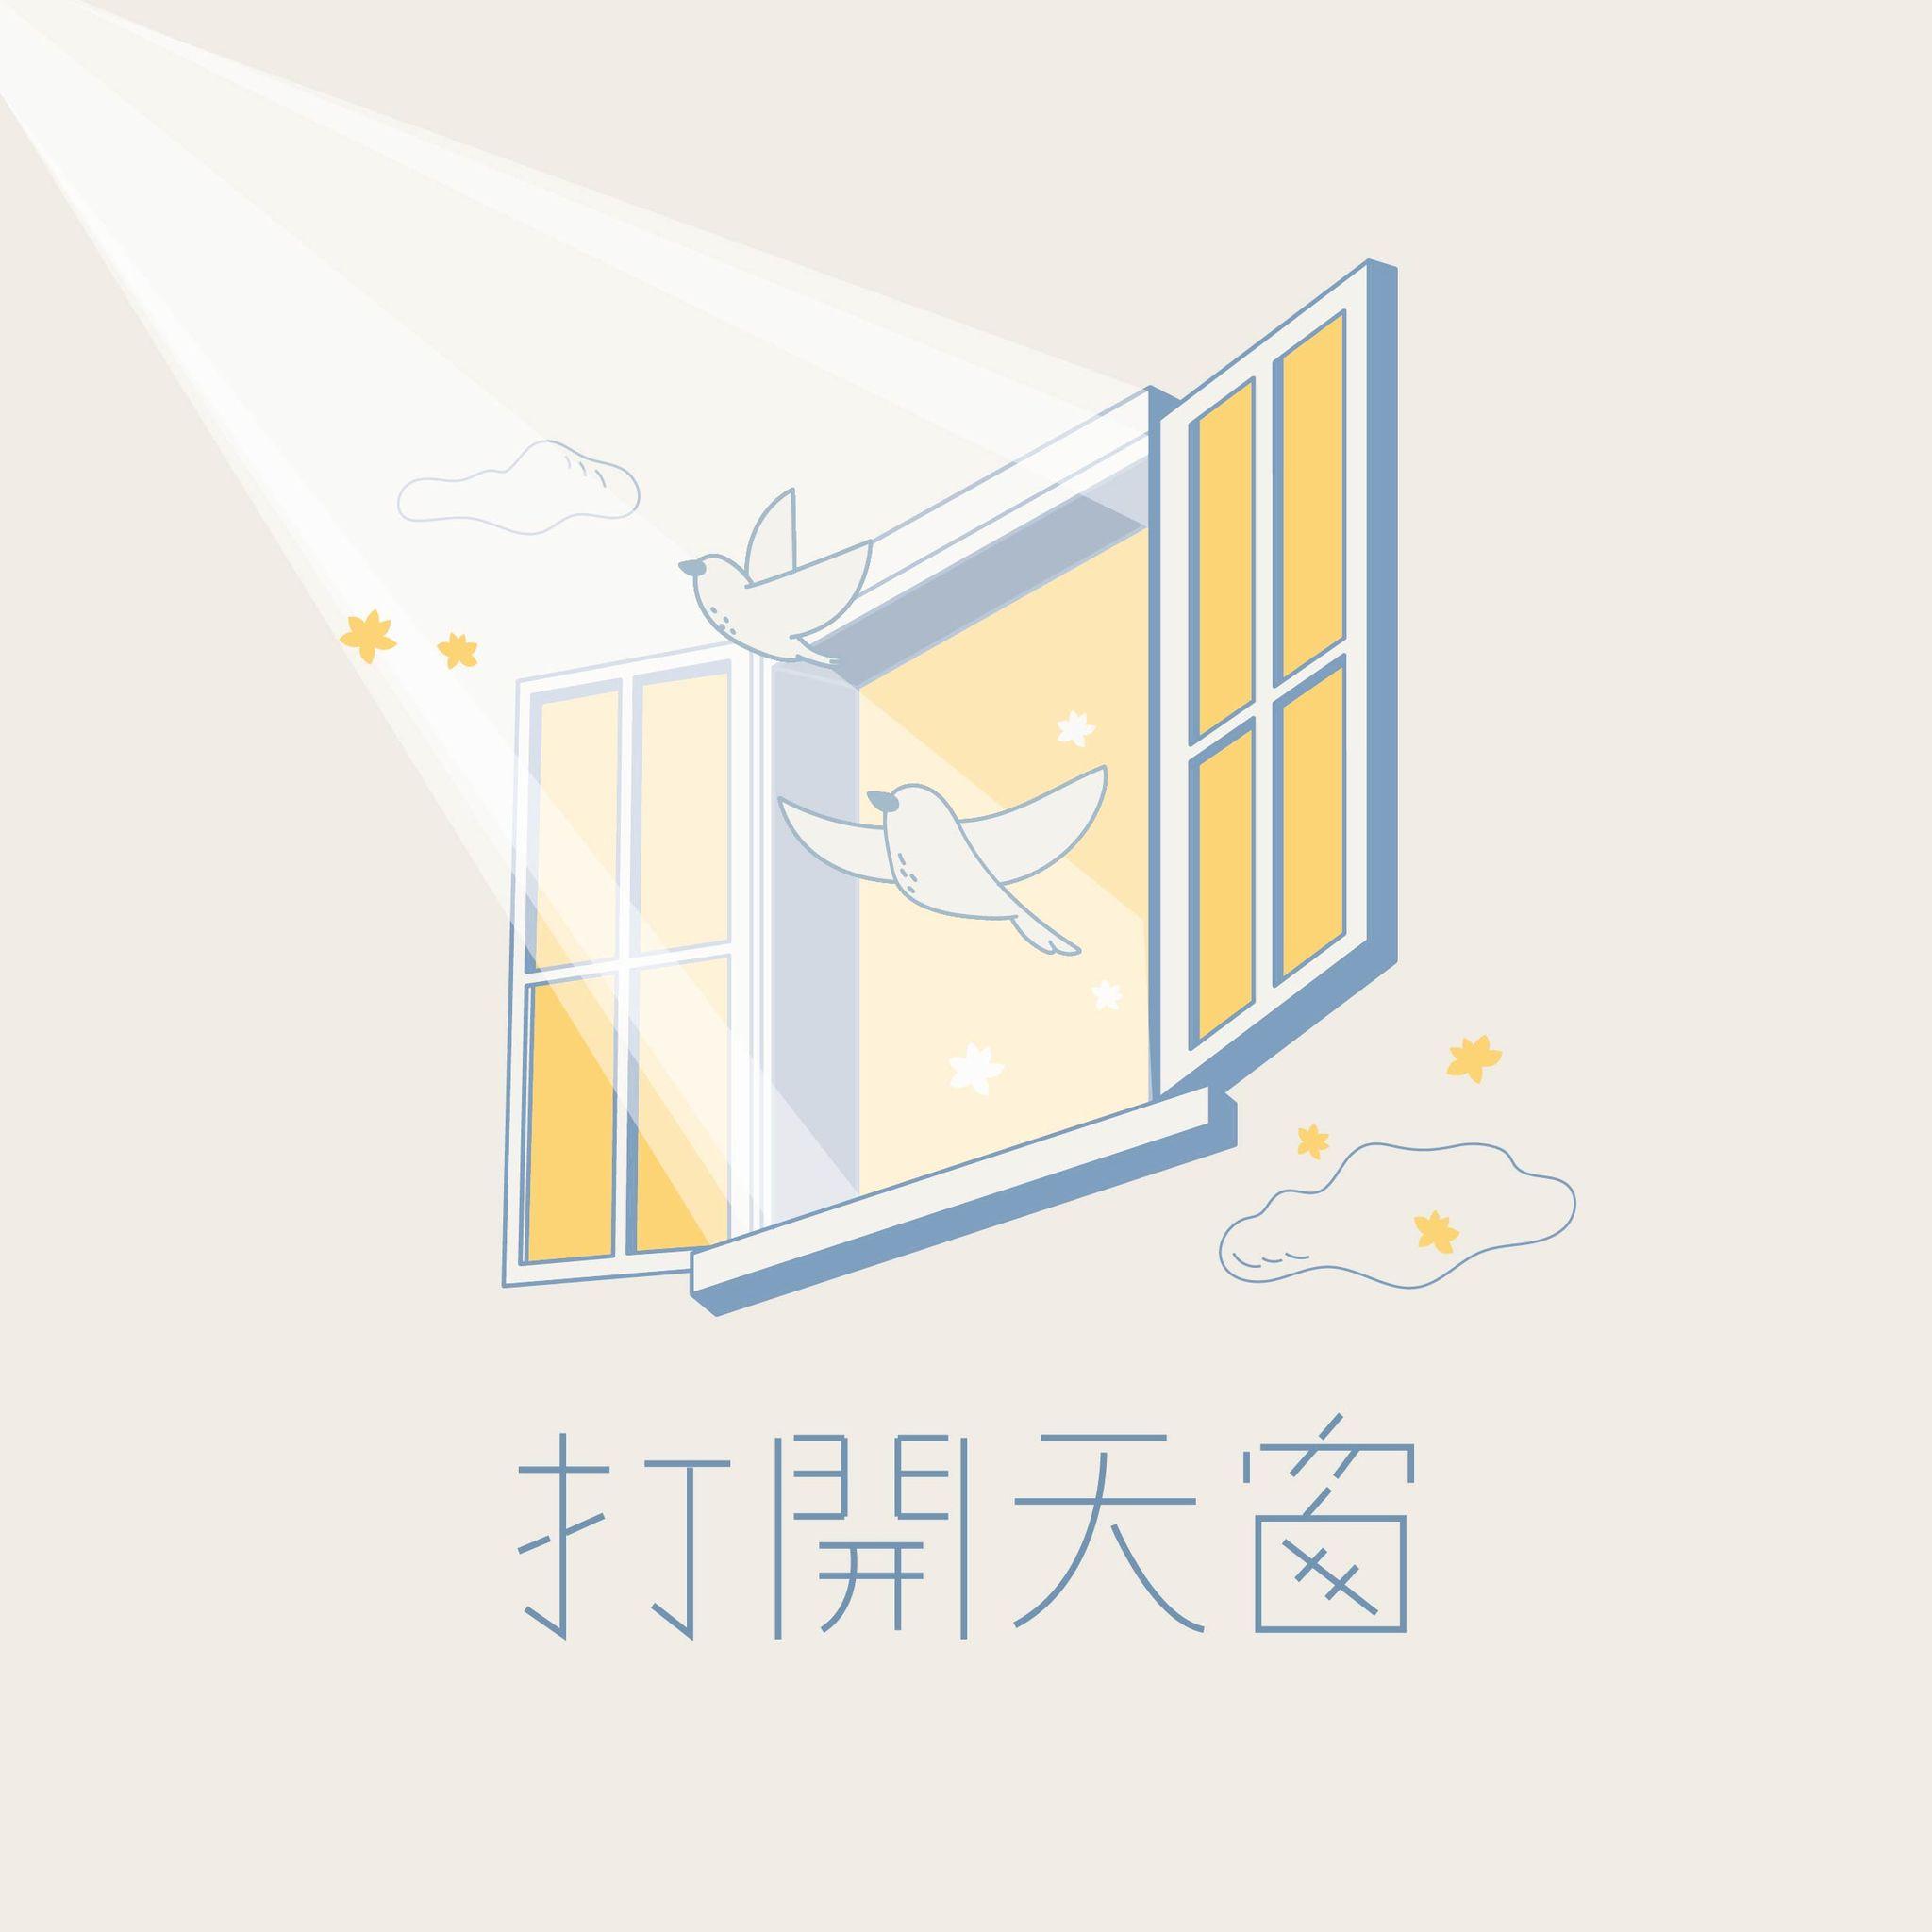 【打開天窗】EP4 耶穌與惡的距離(下)